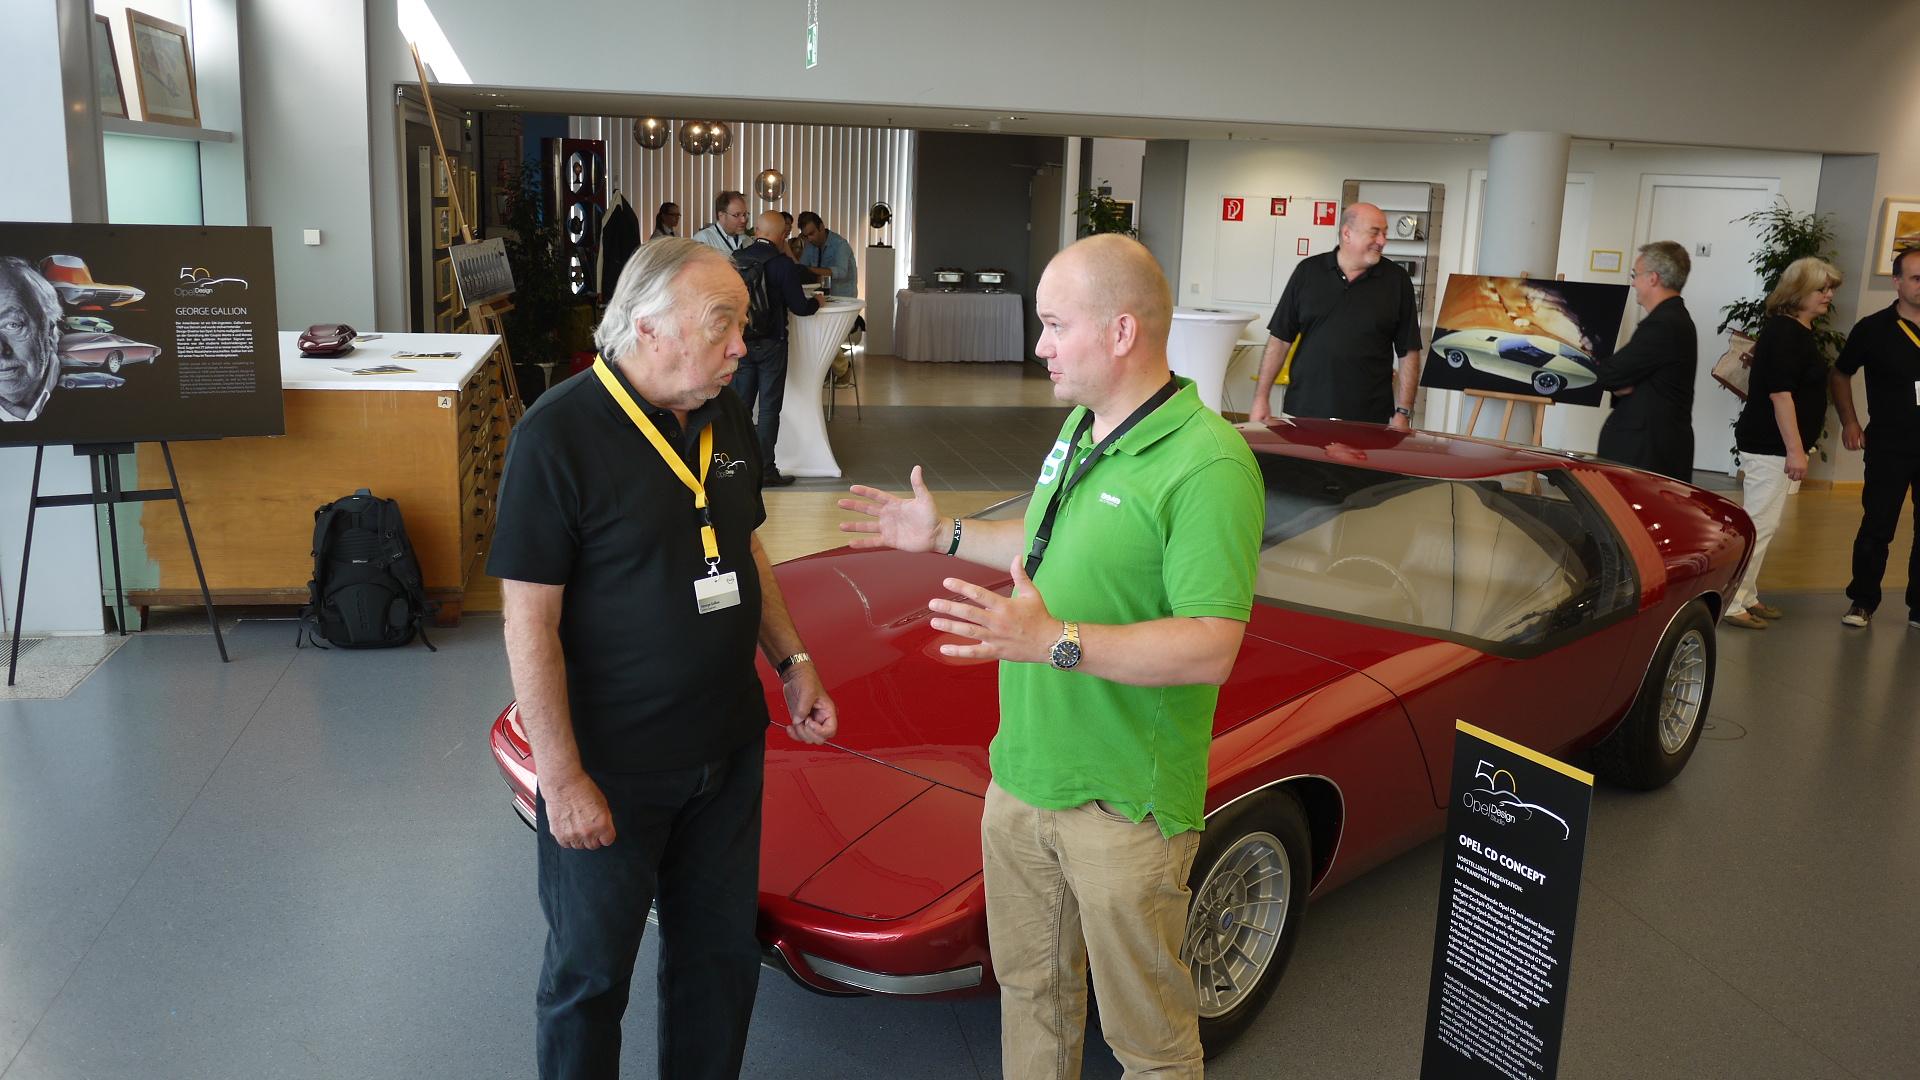 Artikkelforfatteren (til høyre) i samtale med hoved-designeren bak Opel CD: George Gallion, med bilen i bakgrunnen.